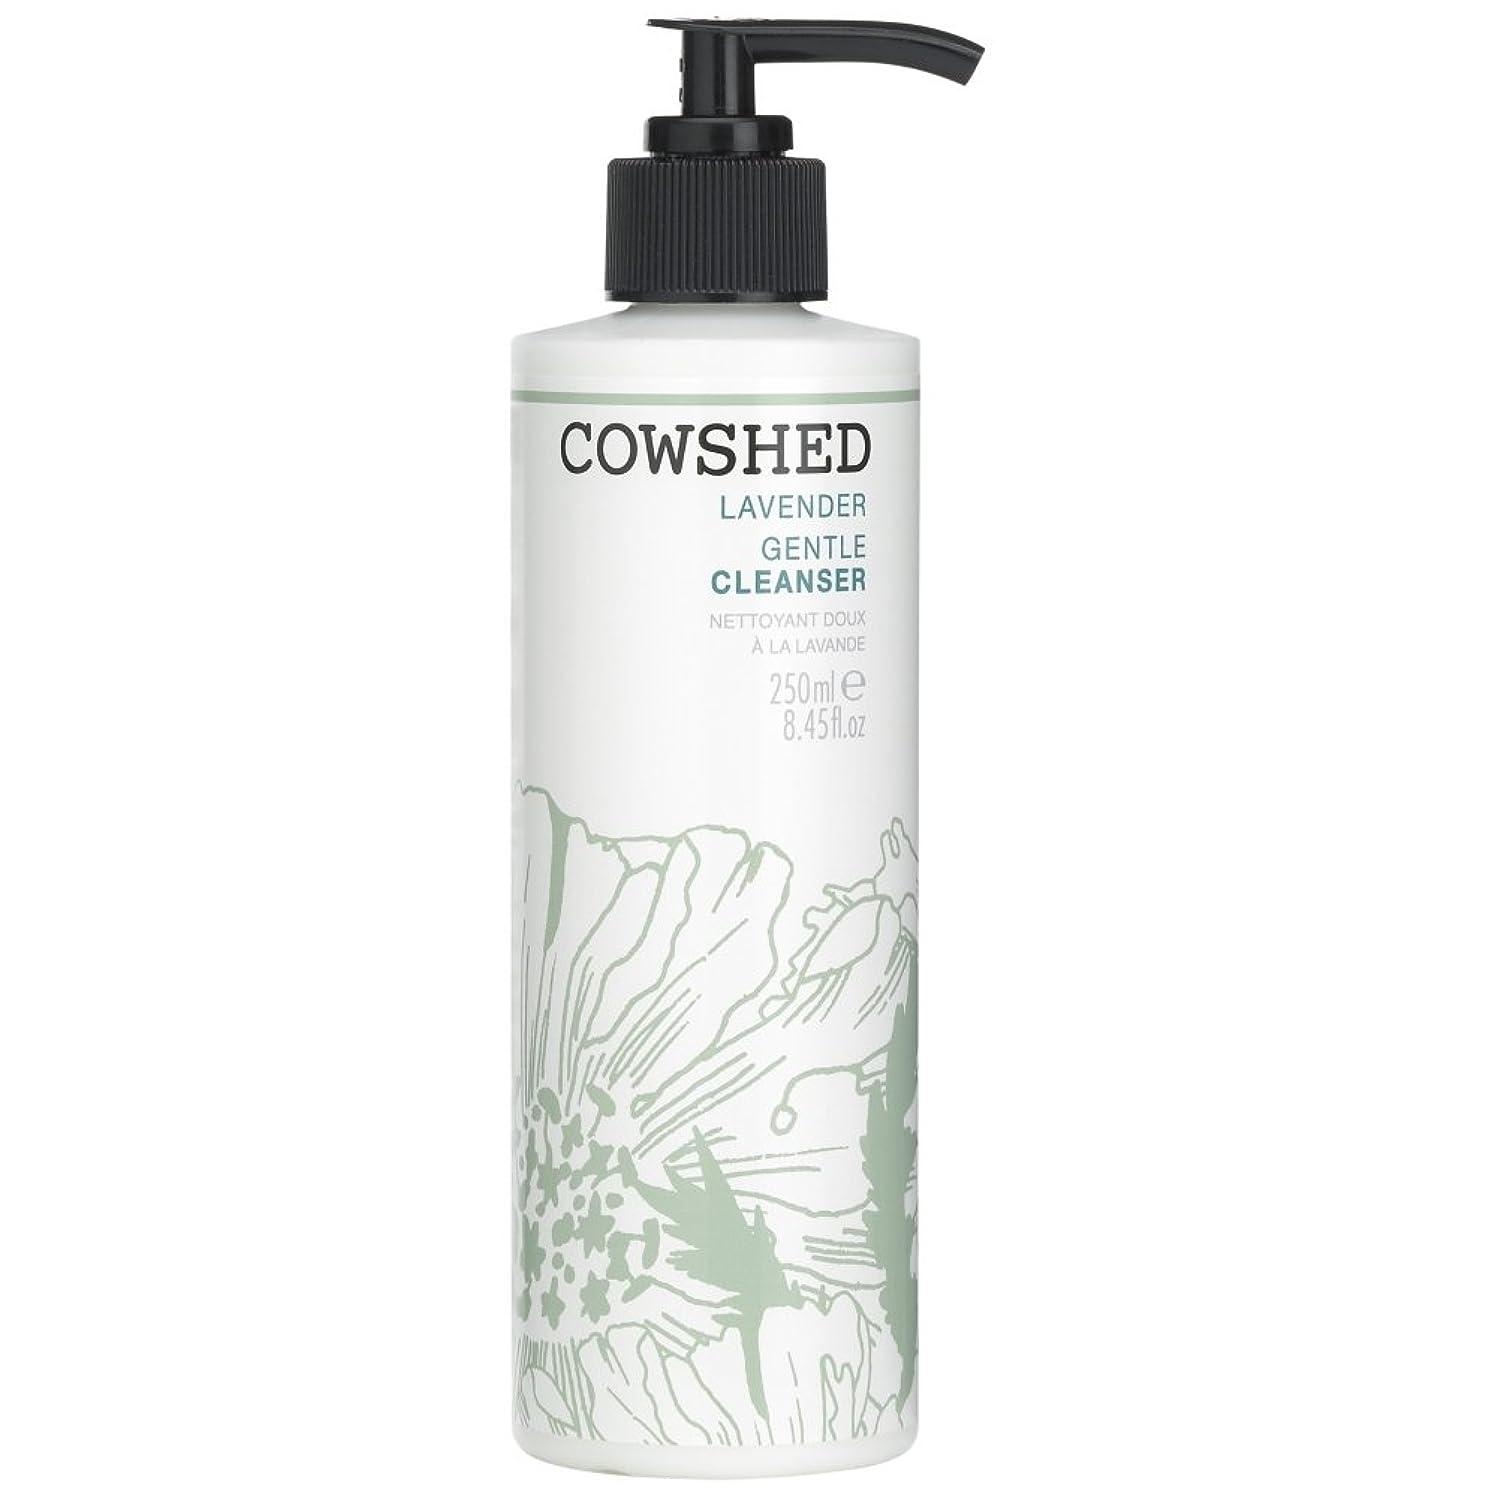 放射する市の花店主牛舎ラベンダージェントルクレンザー、250ミリリットル (Cowshed) (x6) - Cowshed Lavender Gentle Cleanser, 250ml (Pack of 6) [並行輸入品]